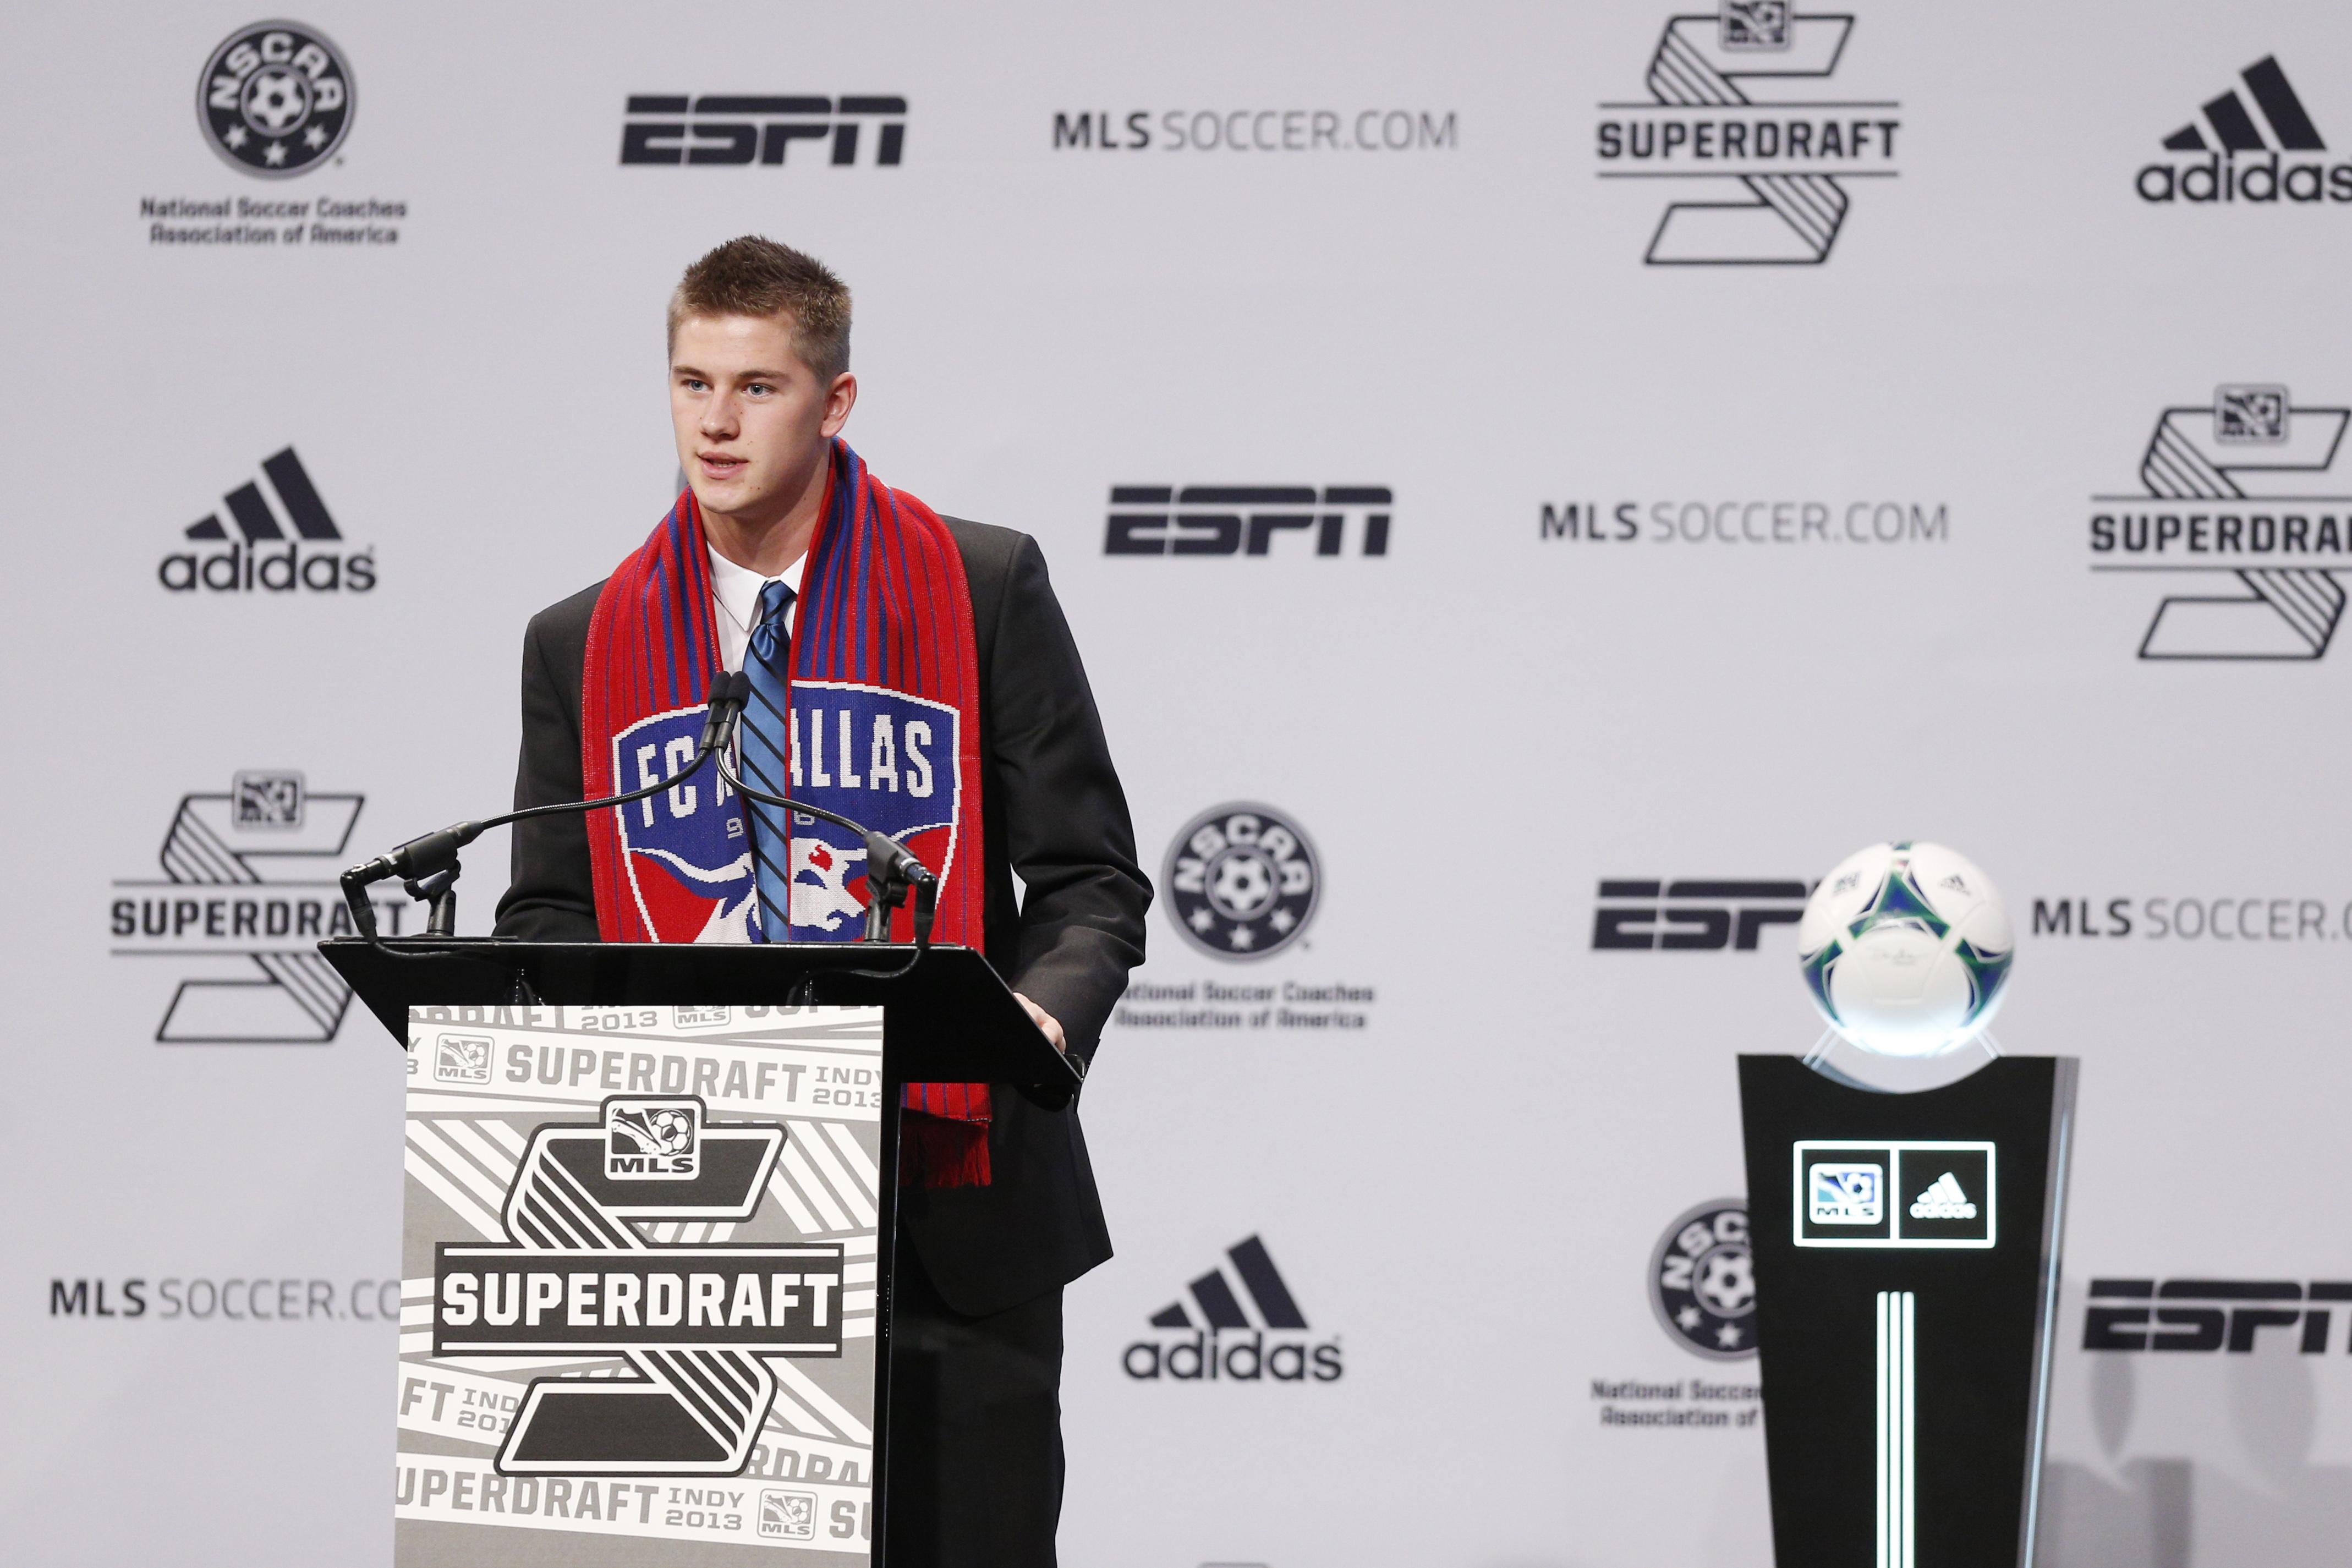 2013 MLS SuperDraft Presented By Adidas